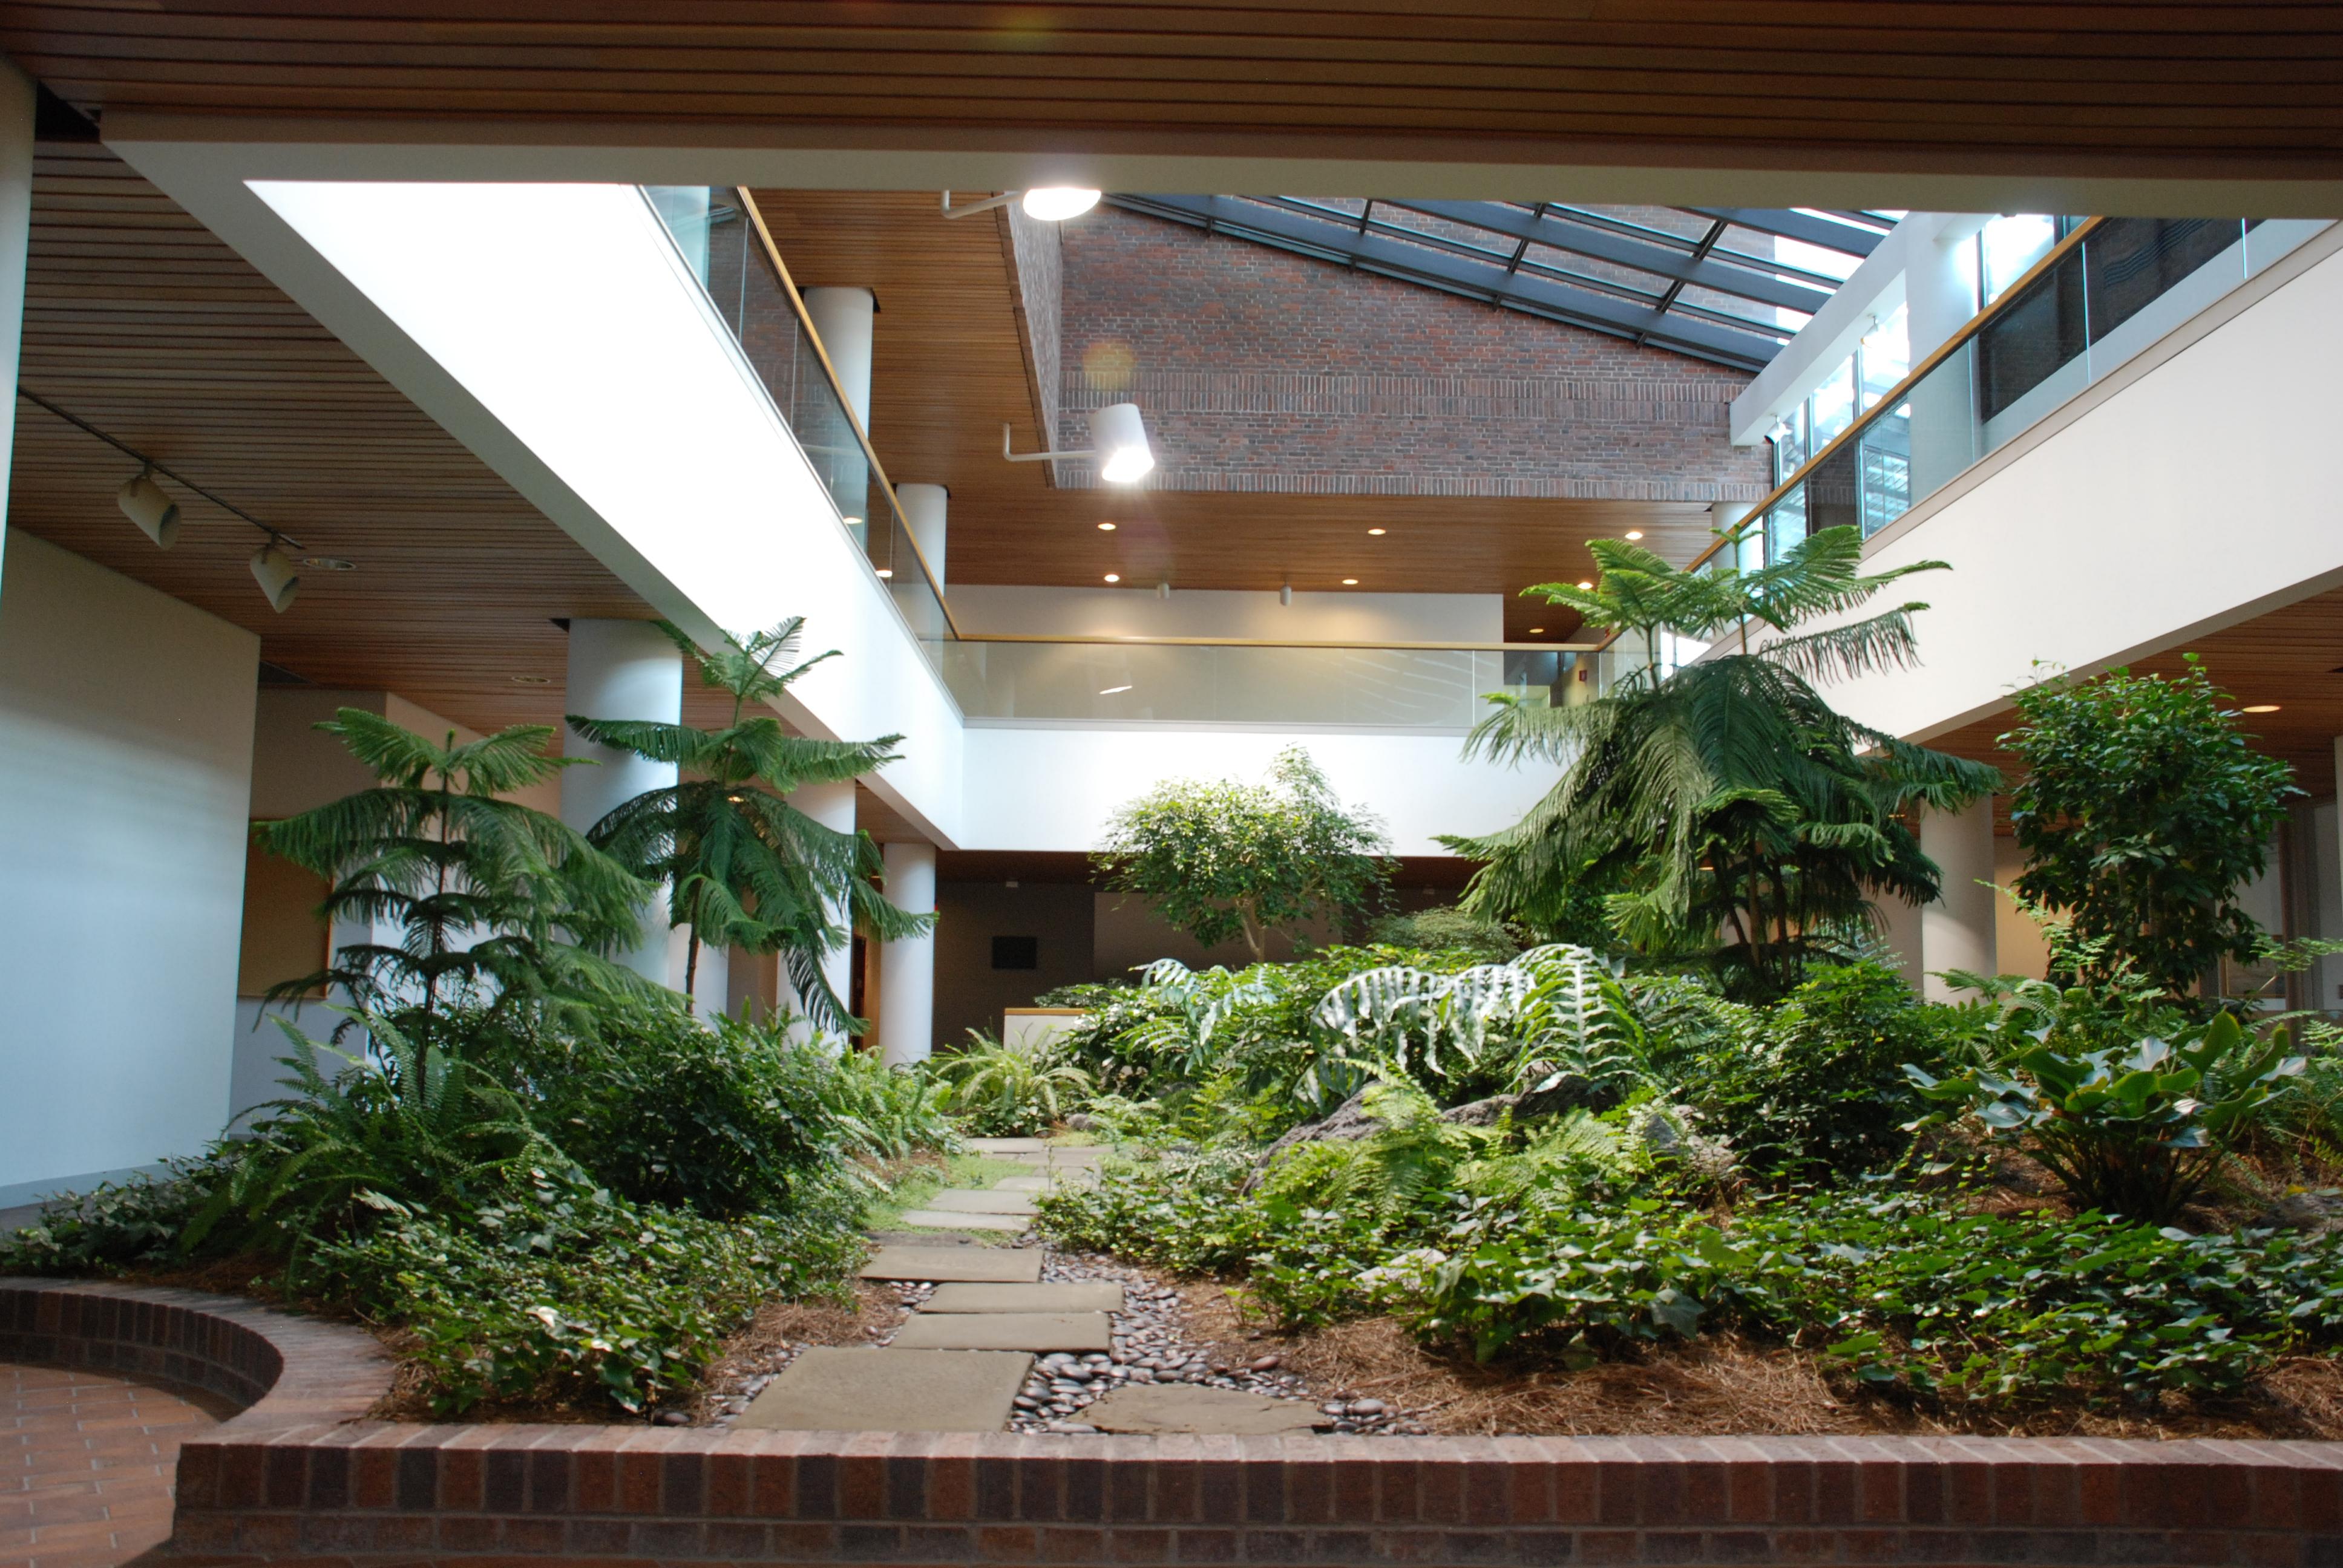 Giardino interno come crearsi un oasi verde nella propria - Giardino interno casa ...